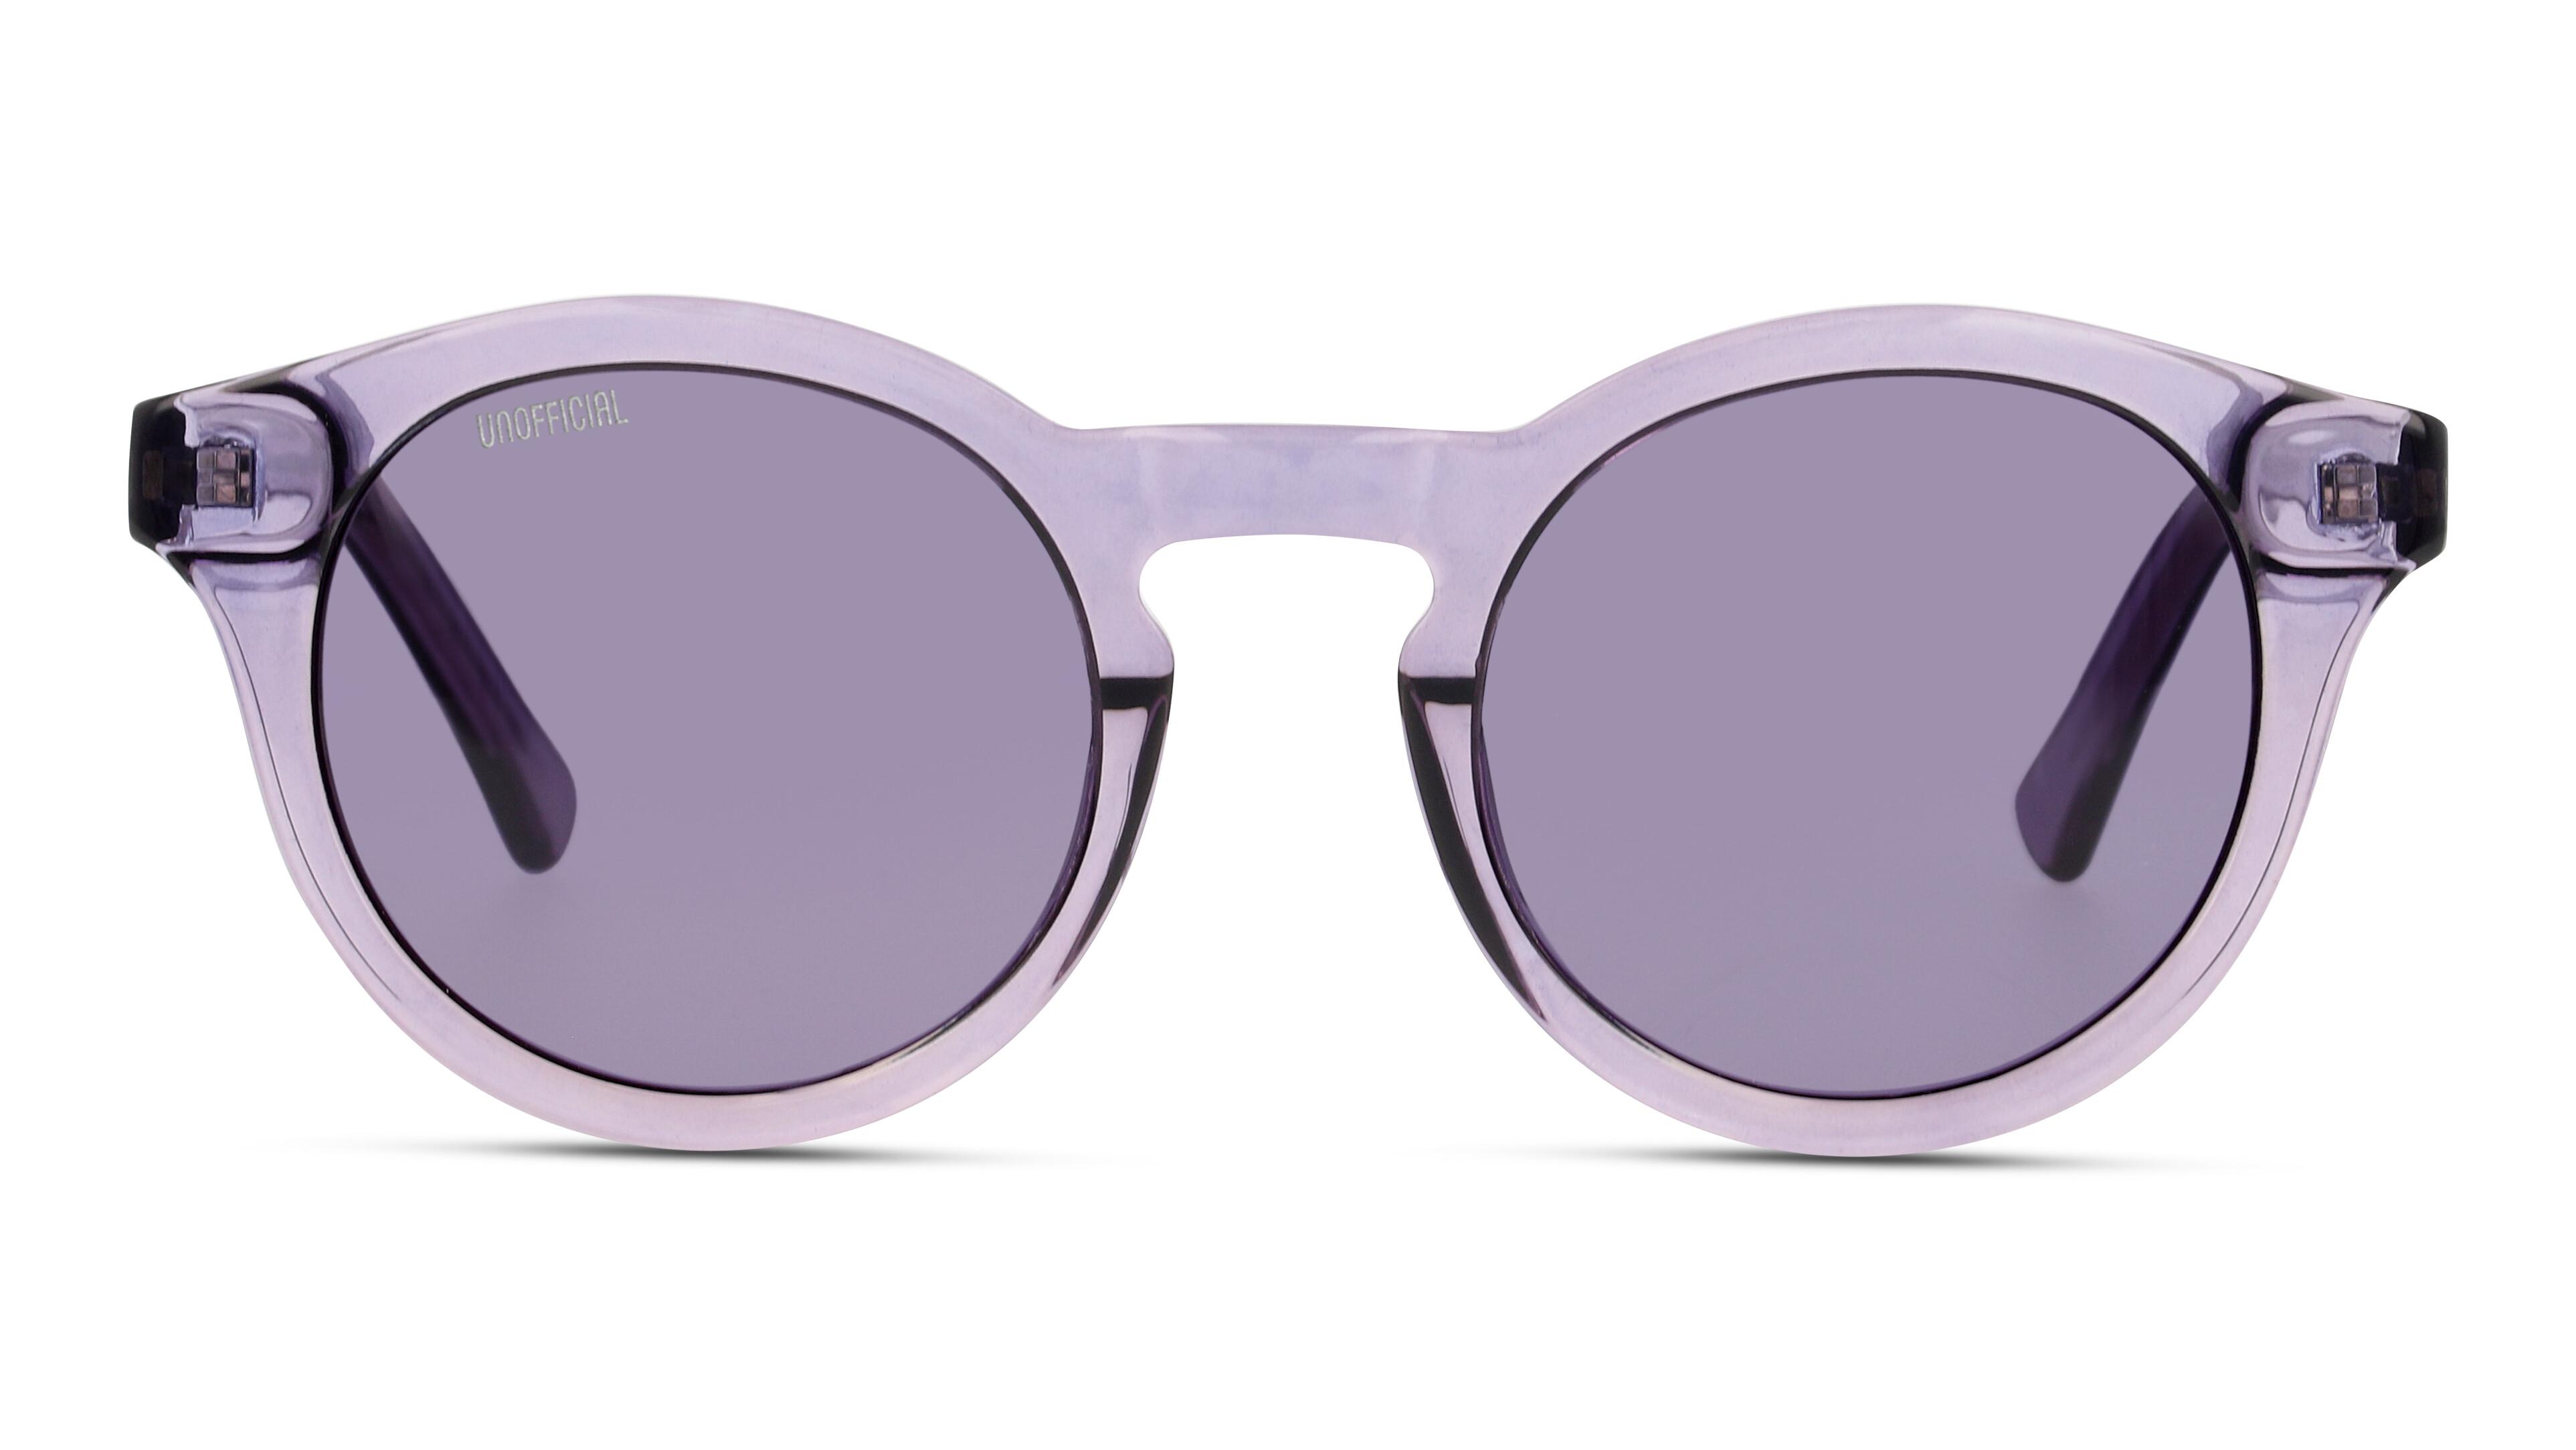 8719154812507-front-sonnenbrille-unofficial-unsu0072-violet-violet